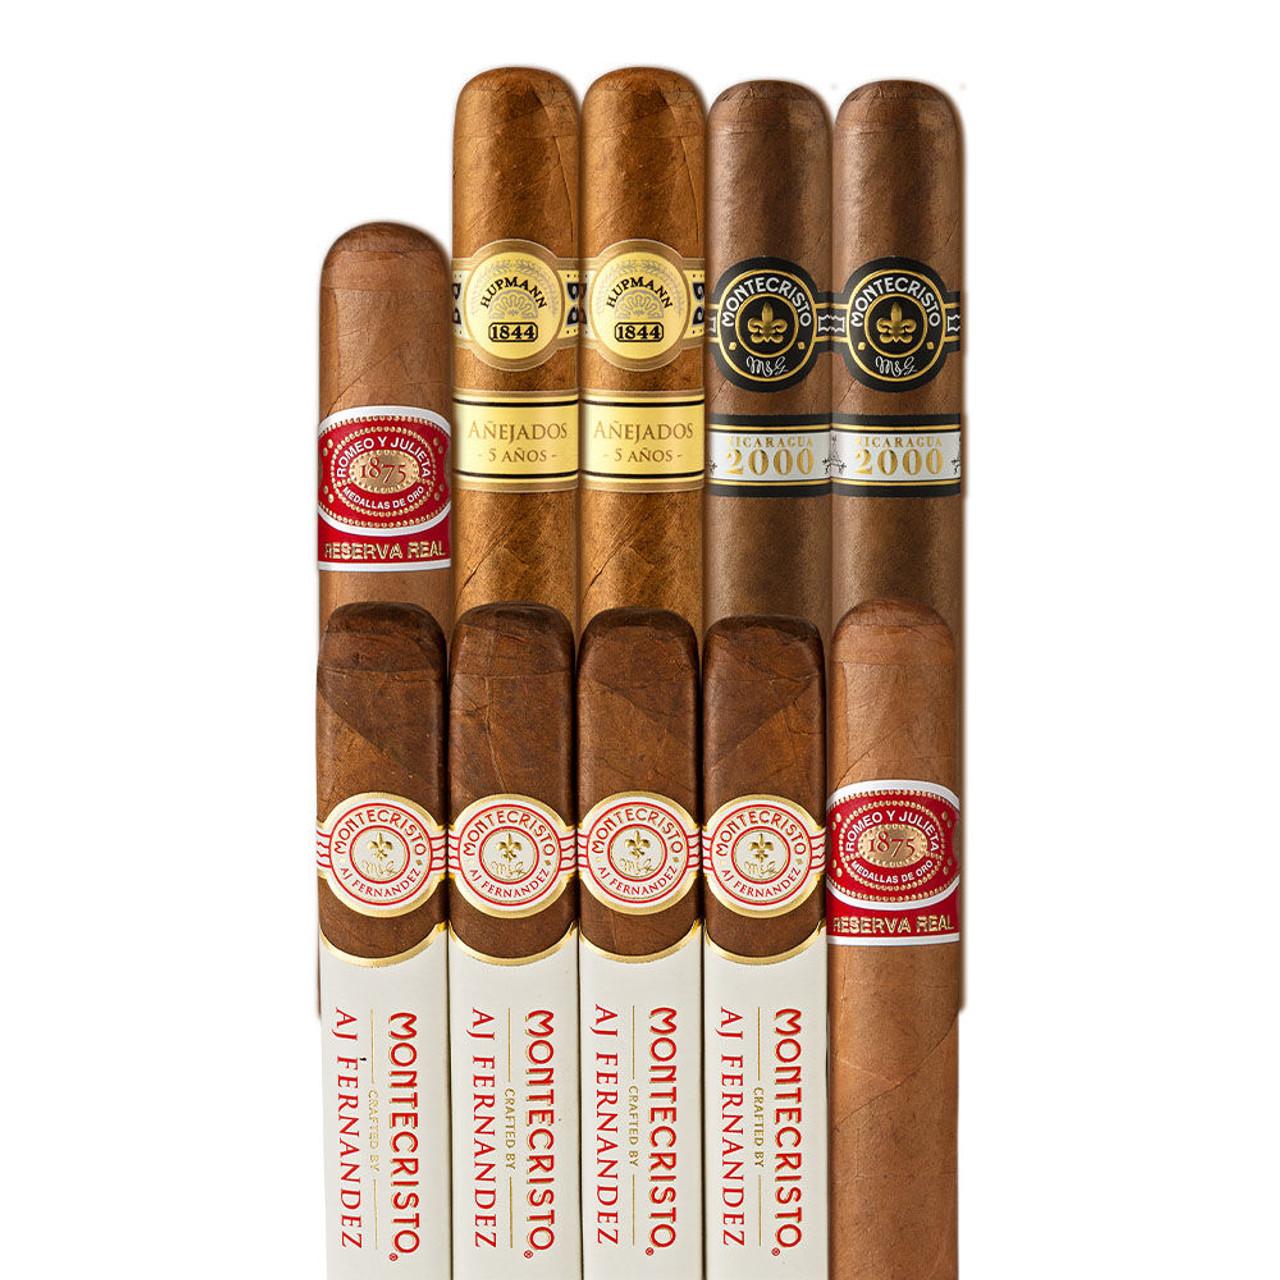 Cigar Samplers Best Selling Heritage Sampler Cigars (Pack of 10)